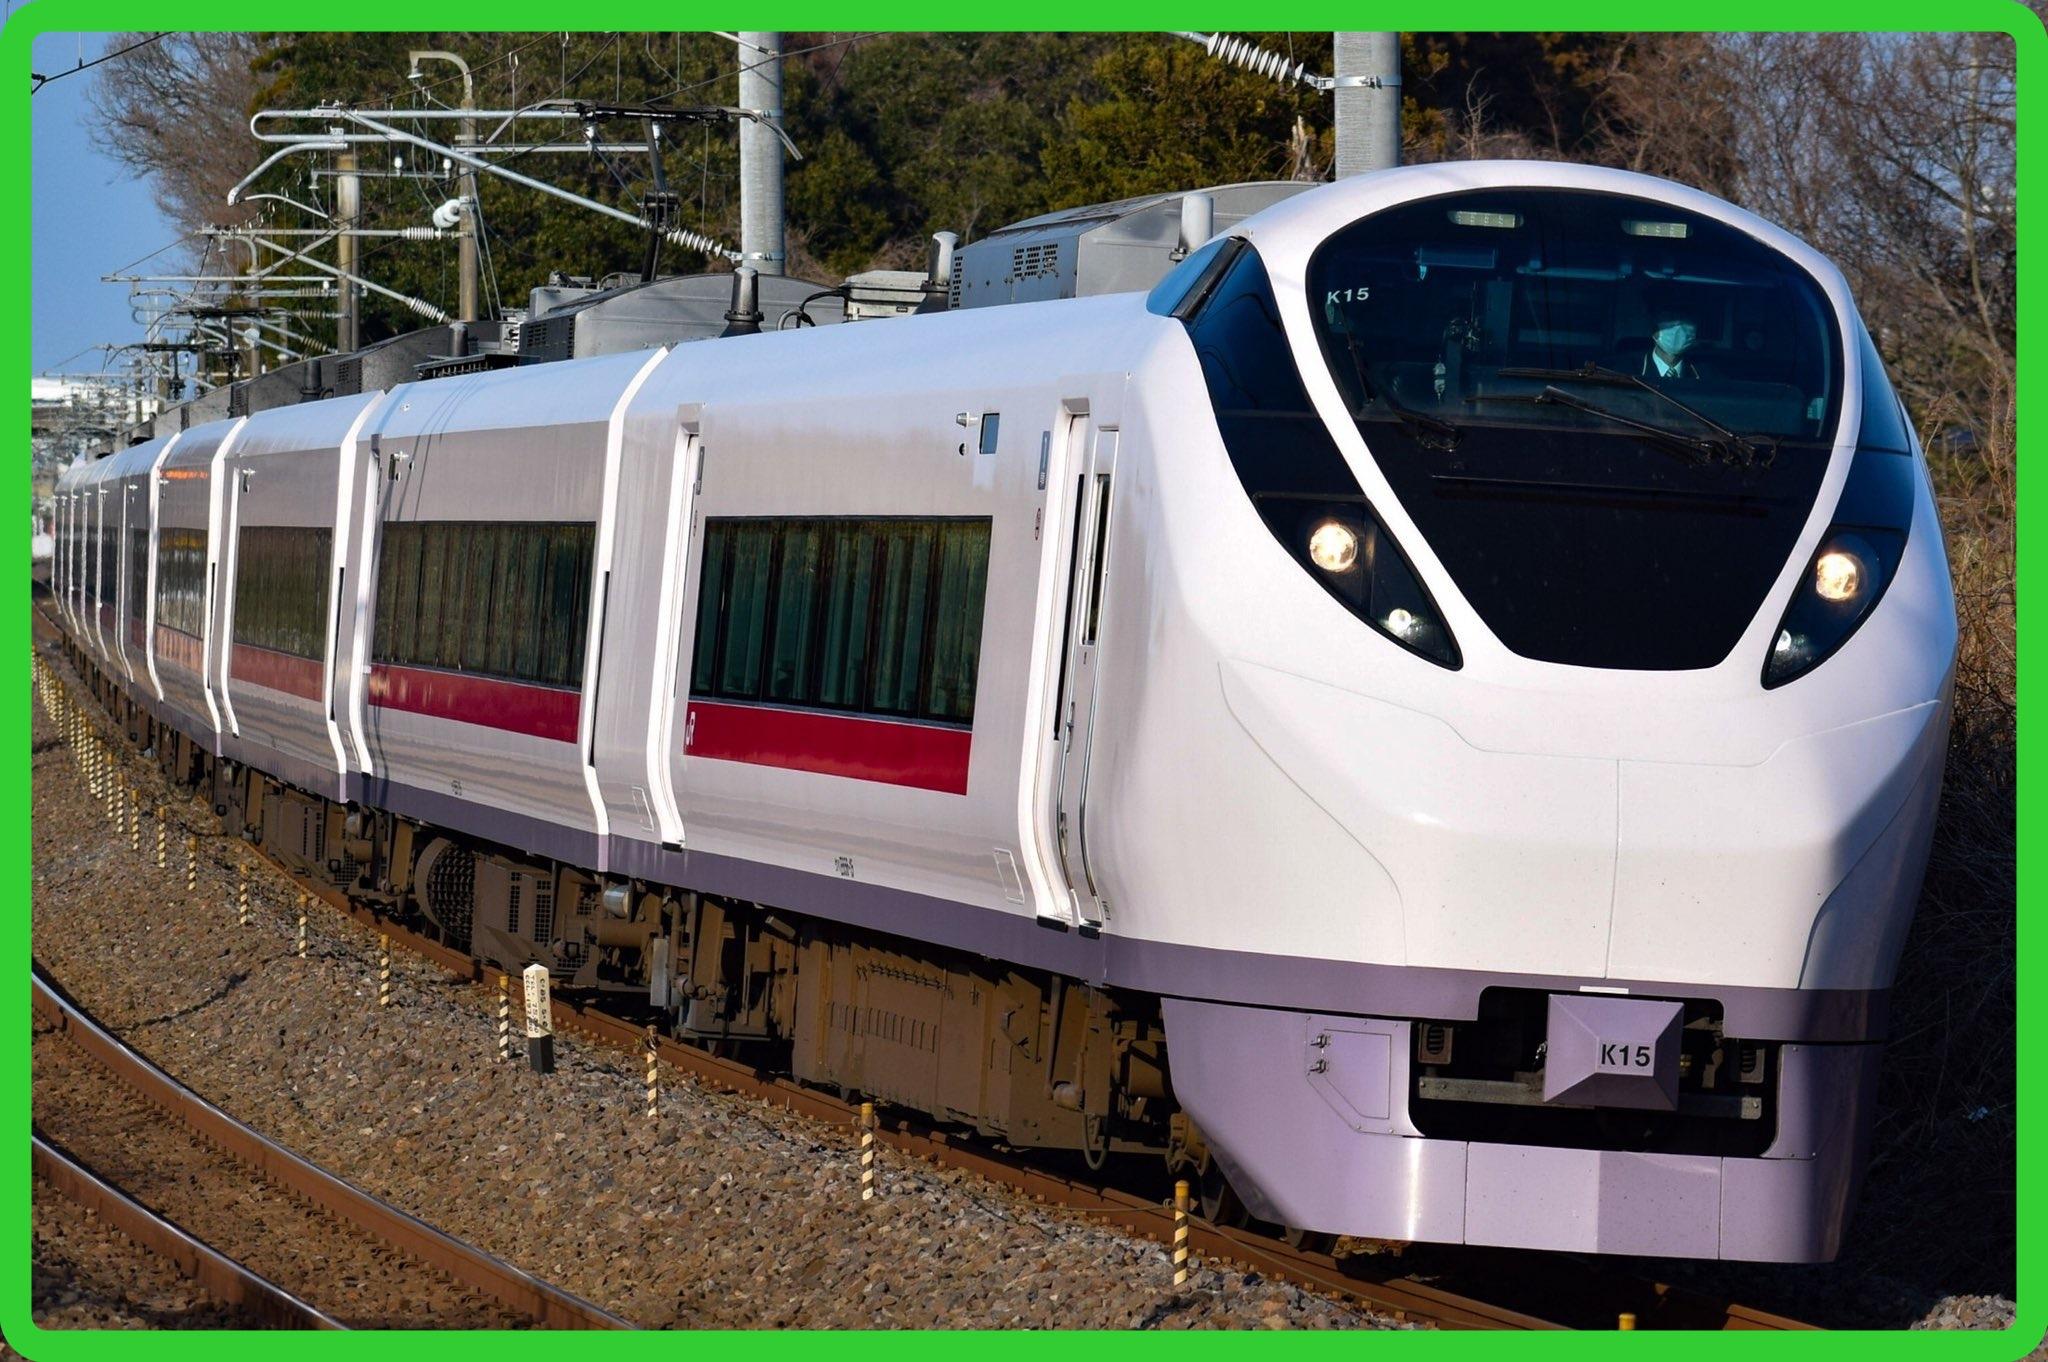 【中止】ROCK IN JAPAN FESTIVAL 2021に合わせて常磐線特急「ときわ」臨時列車が6本運転 急行列車は設定なし